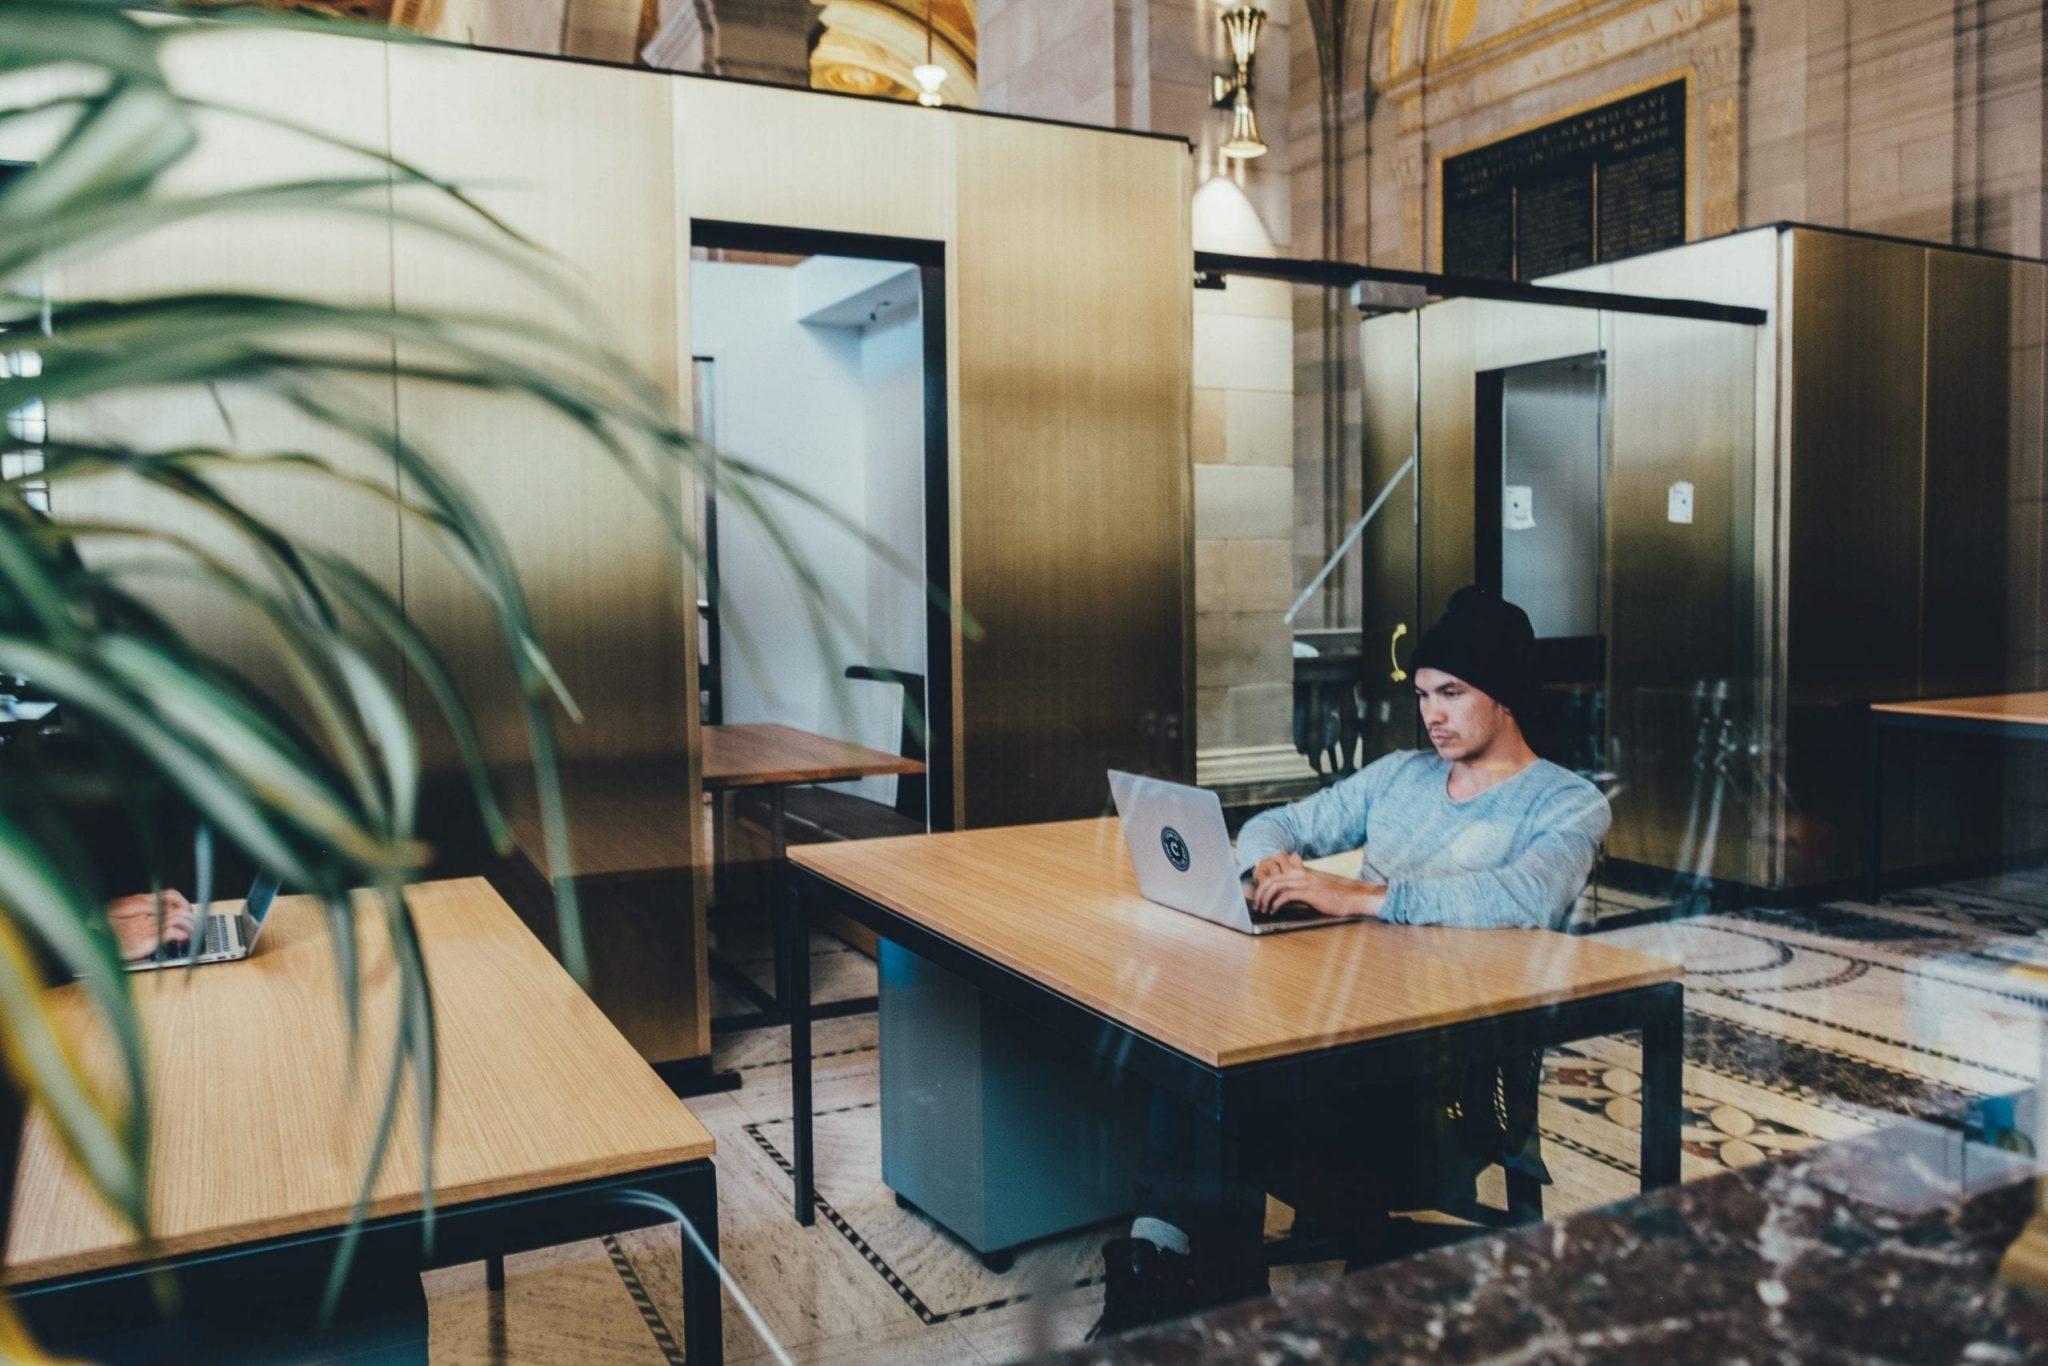 Laptop hotdesking